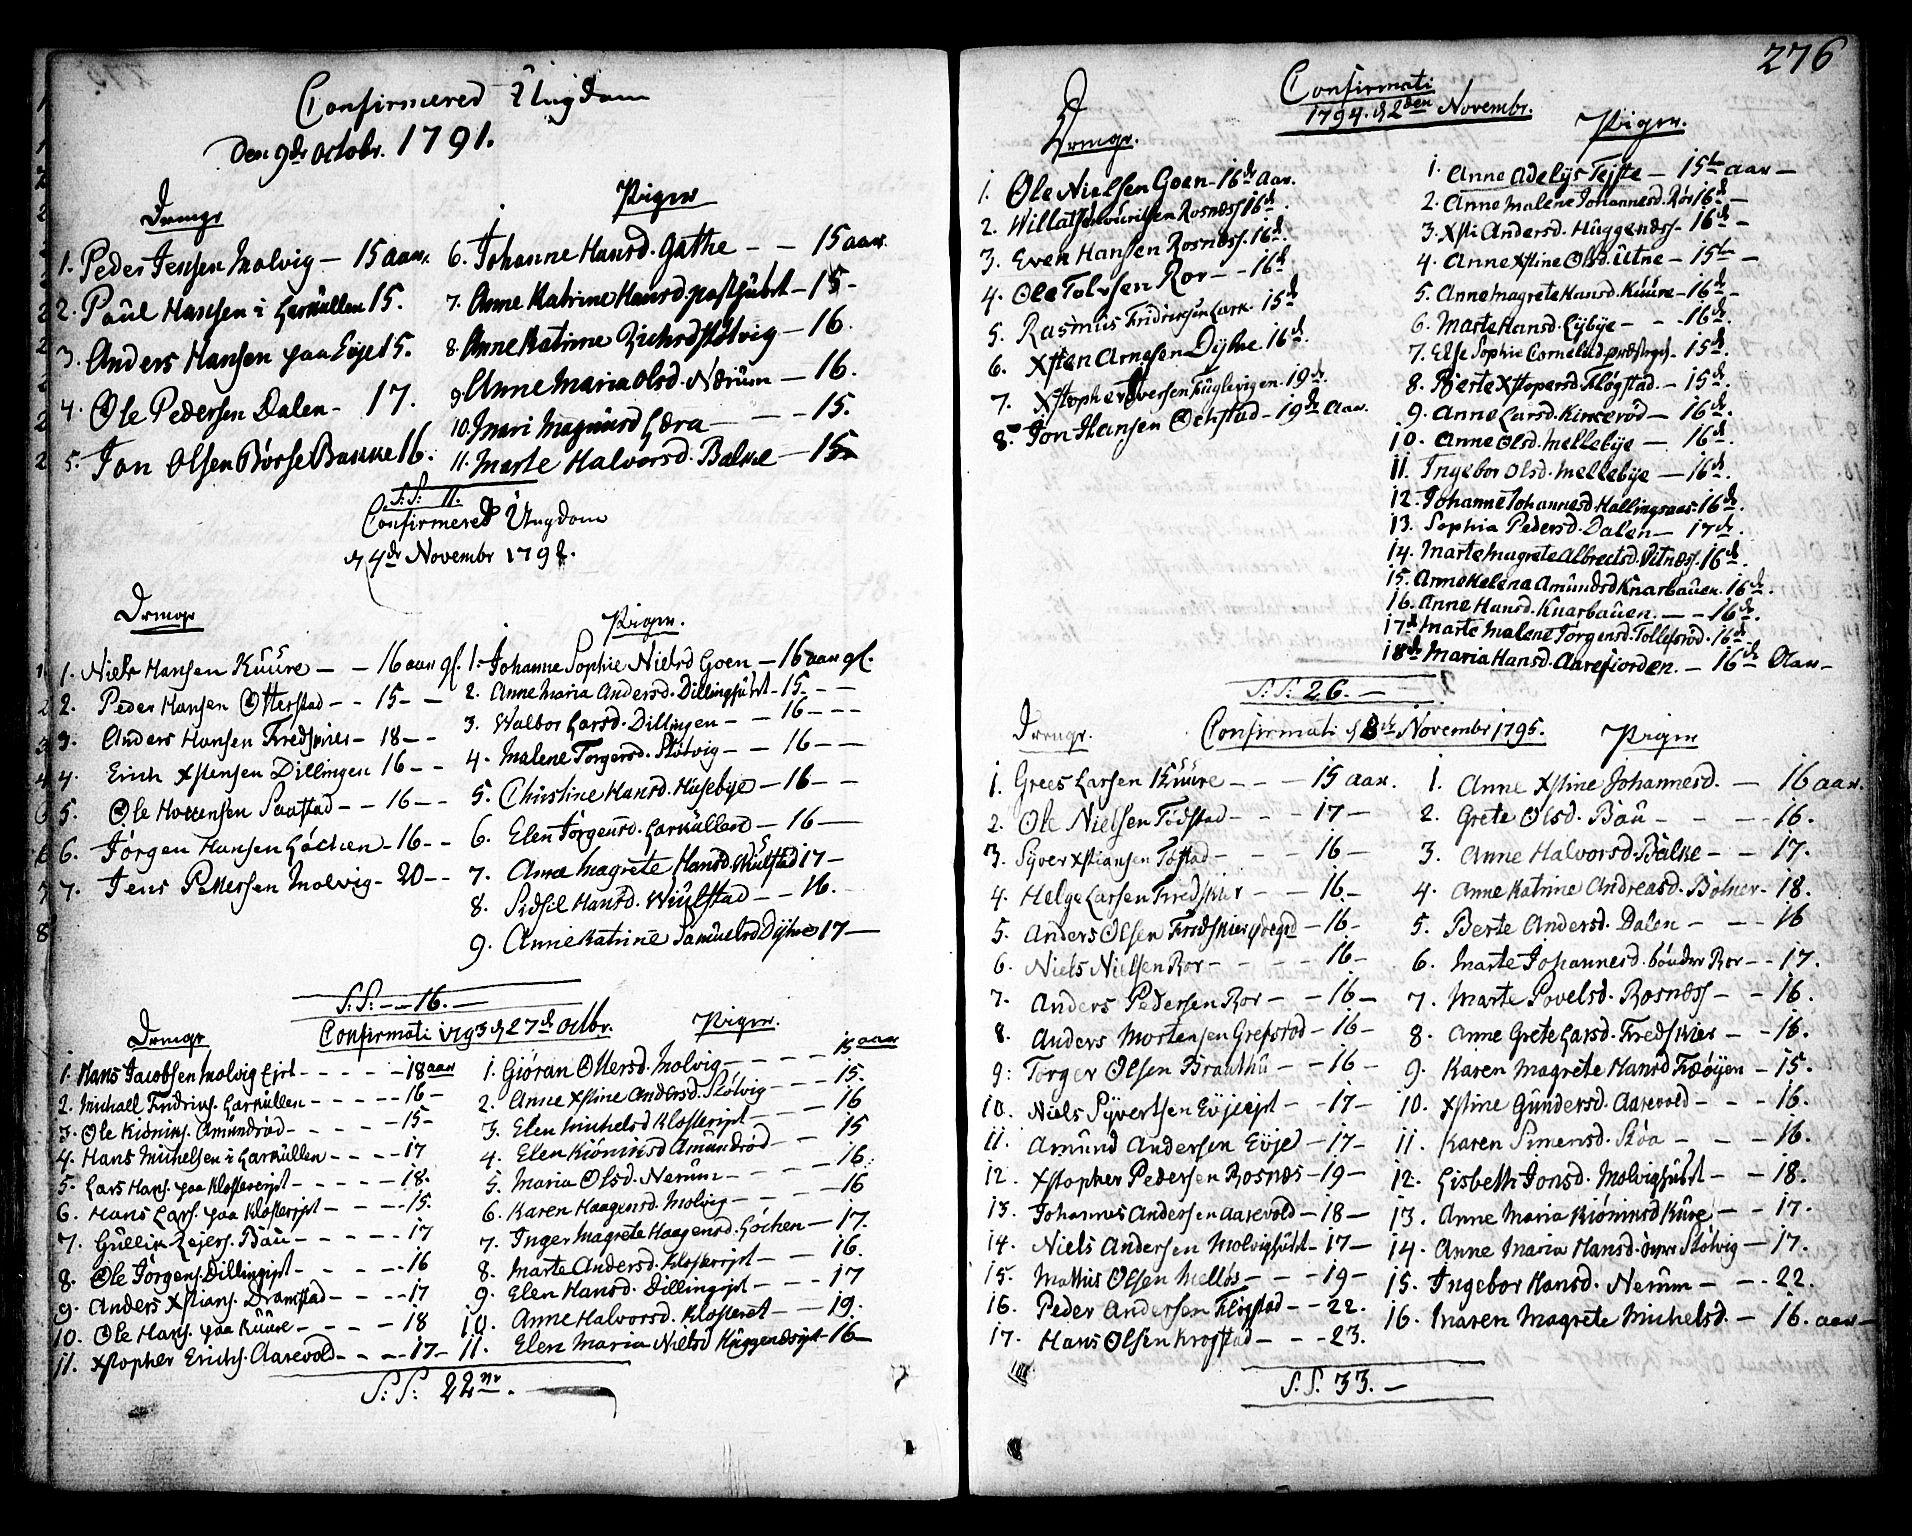 SAO, Rygge prestekontor Kirkebøker, F/Fa/L0002: Ministerialbok nr. 2, 1771-1814, s. 276